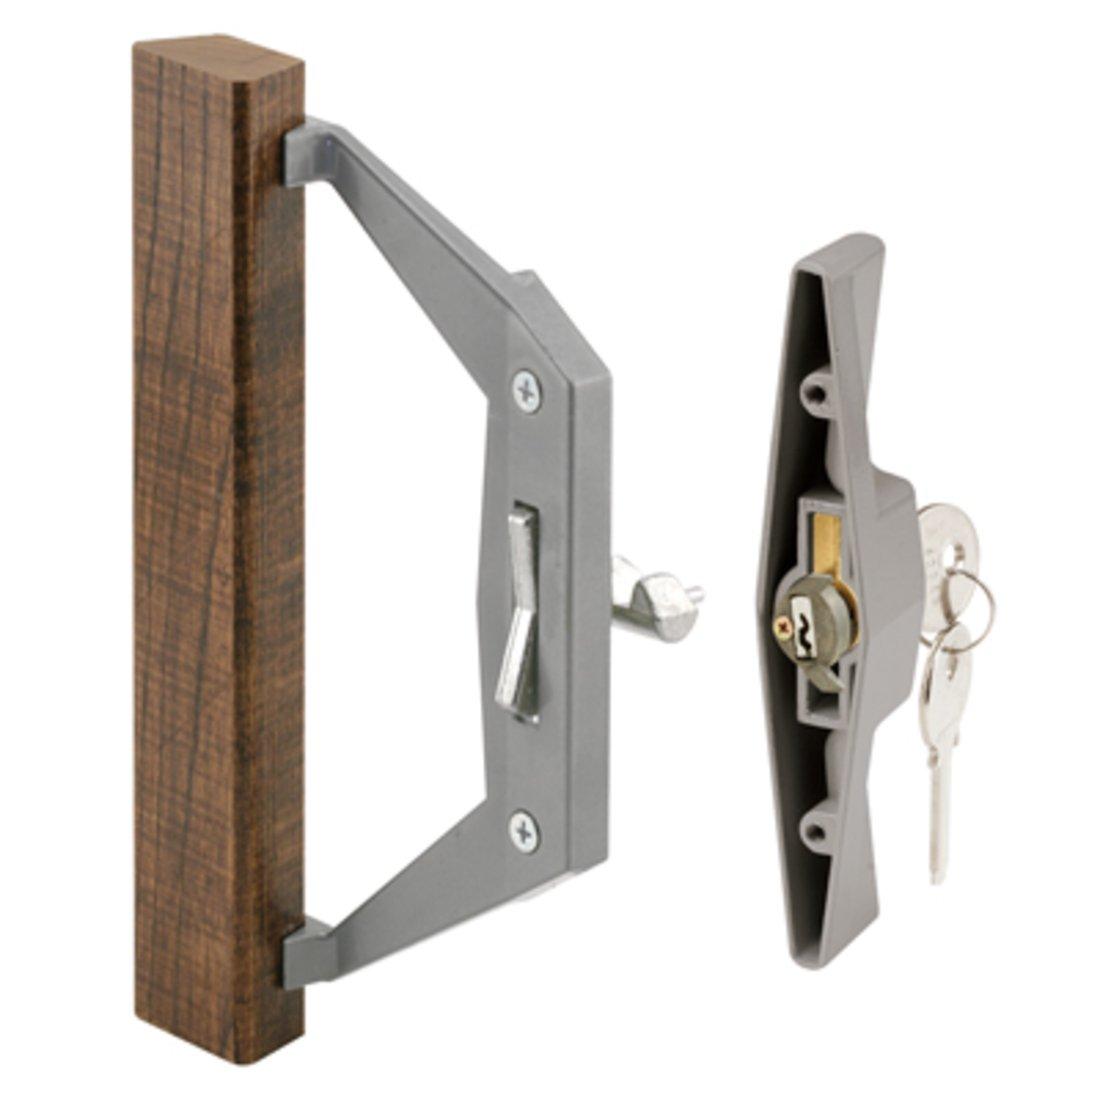 Madera/aluminio interior llave cerradura puerta de cristal corredera mango Set con 3 – 1/2